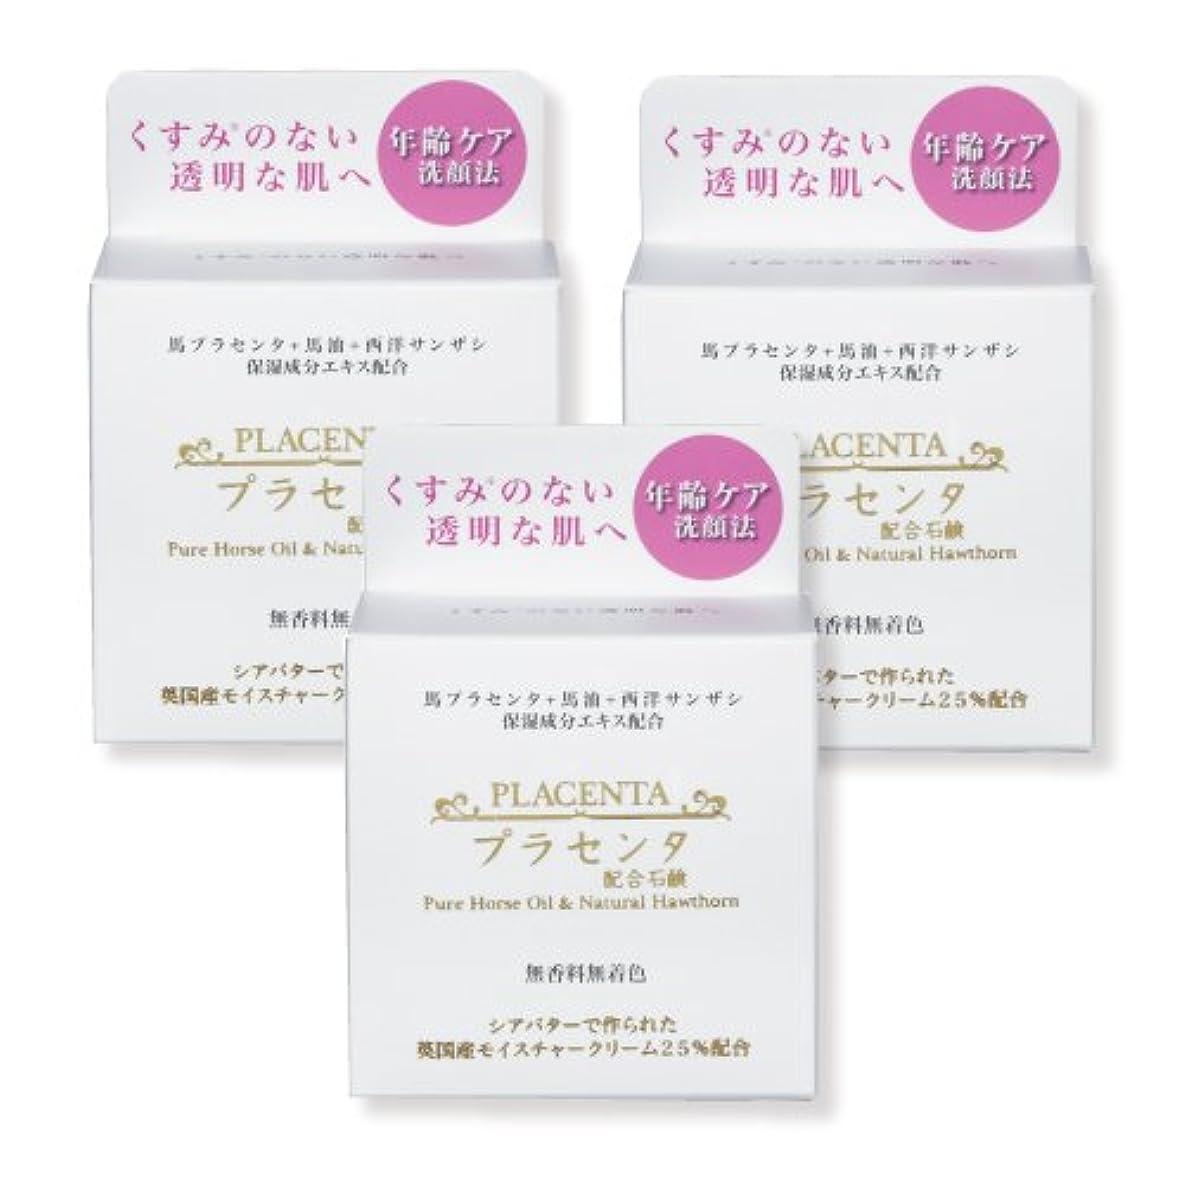 広範囲超えて流す【3個セット割】プラセンタ+馬油+西洋サンザシ配合石鹸 抗糖化を目指した年齢ケア洗顔